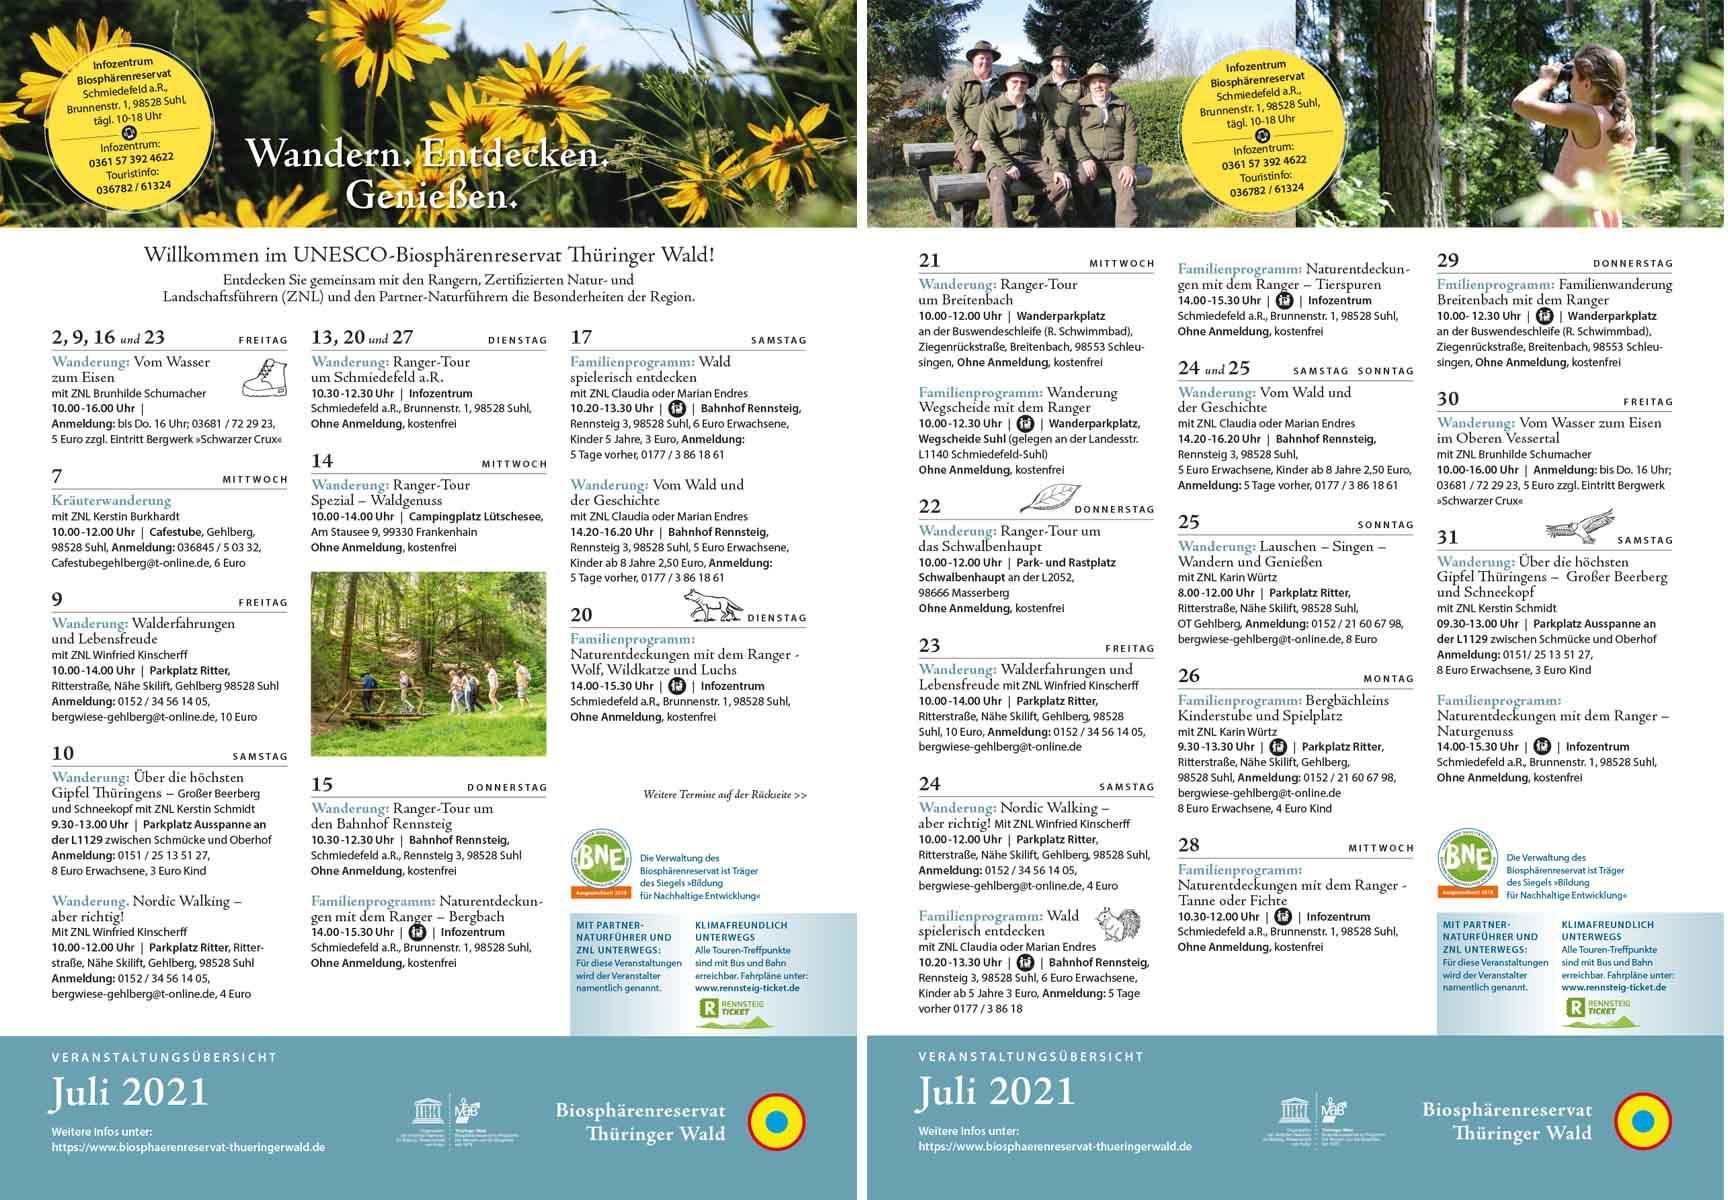 Programm Juli 2021_UNESCO-Biosphaerenreservat Thueringer Wald